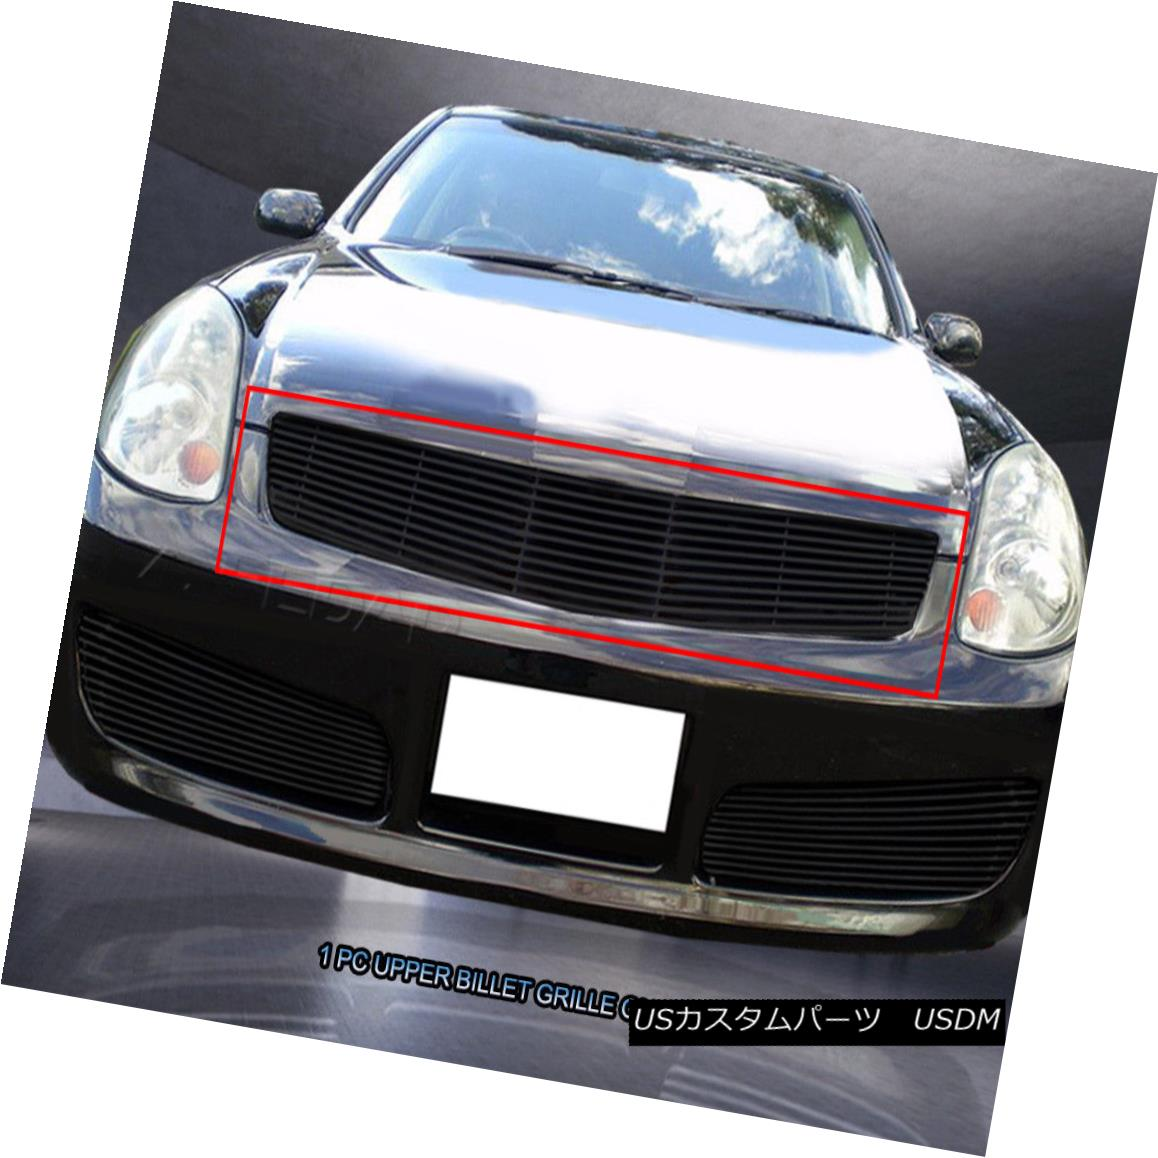 グリル Fits 03-04 Infiniti G35 Sedan Black Billet Grille Grill Upper Insert Fedar フィット03-04インフィニティG35セダンブラックビレットグリルグリルアッパーインサートフェルダー